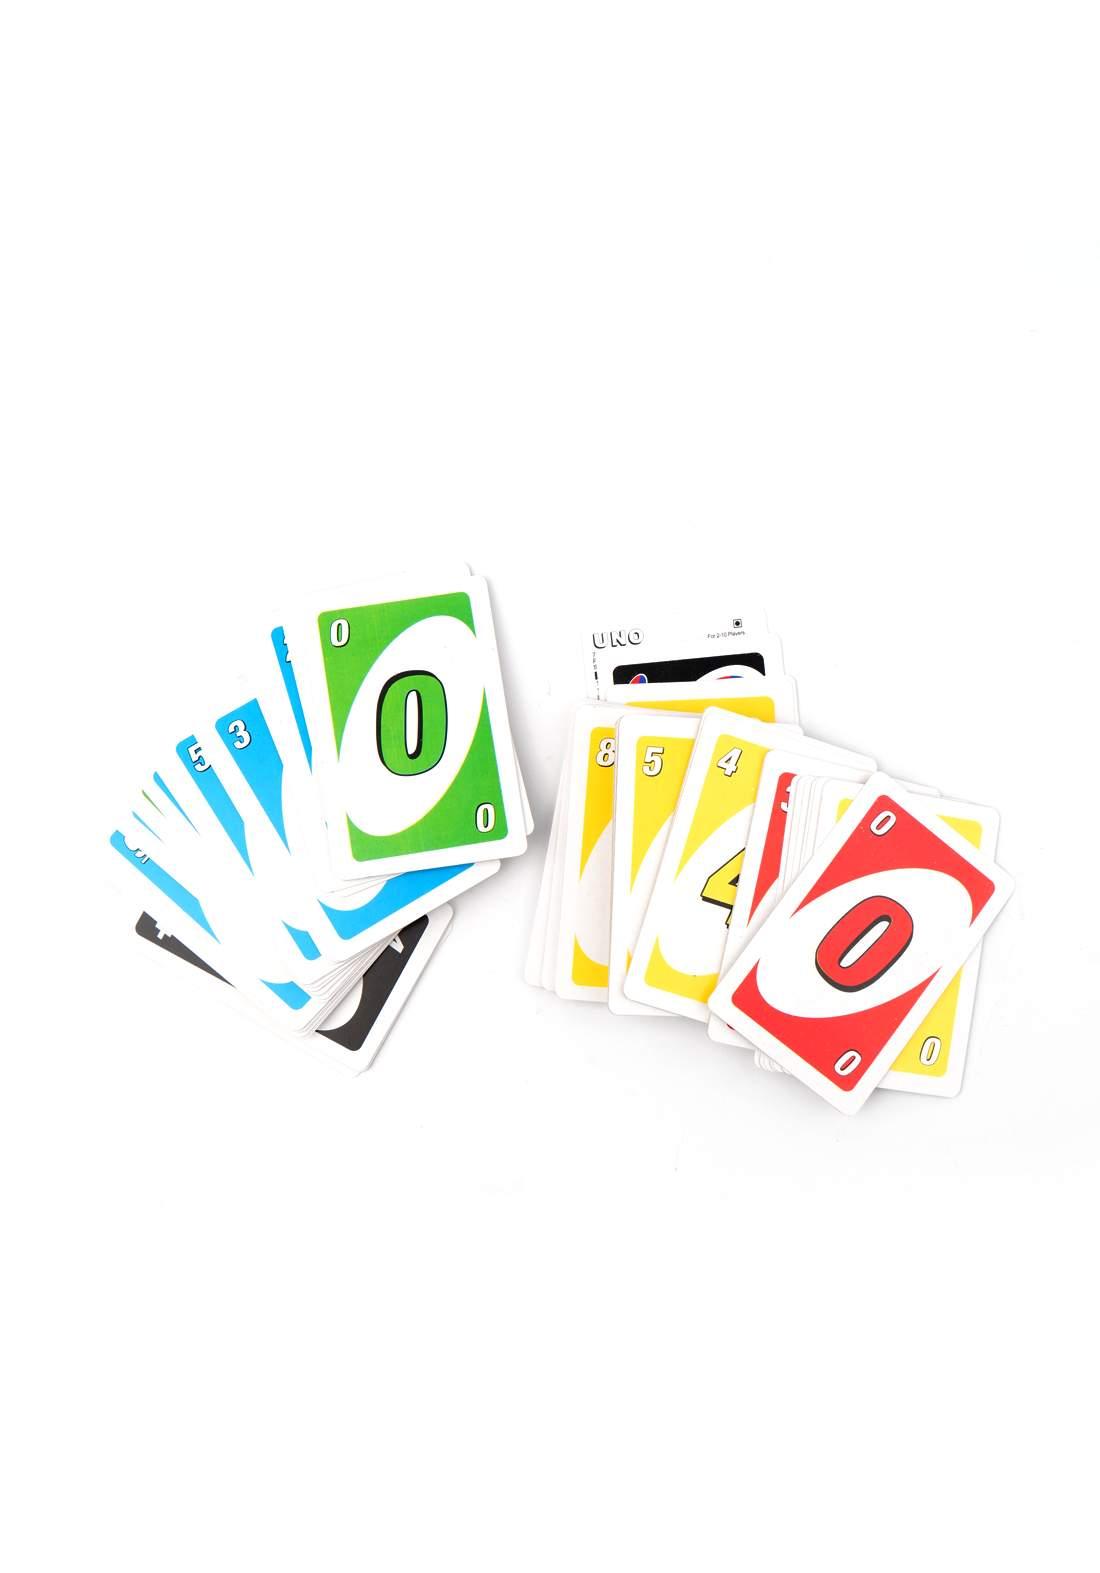 Mattel Uno Playing Card Game اونو لعب الورق